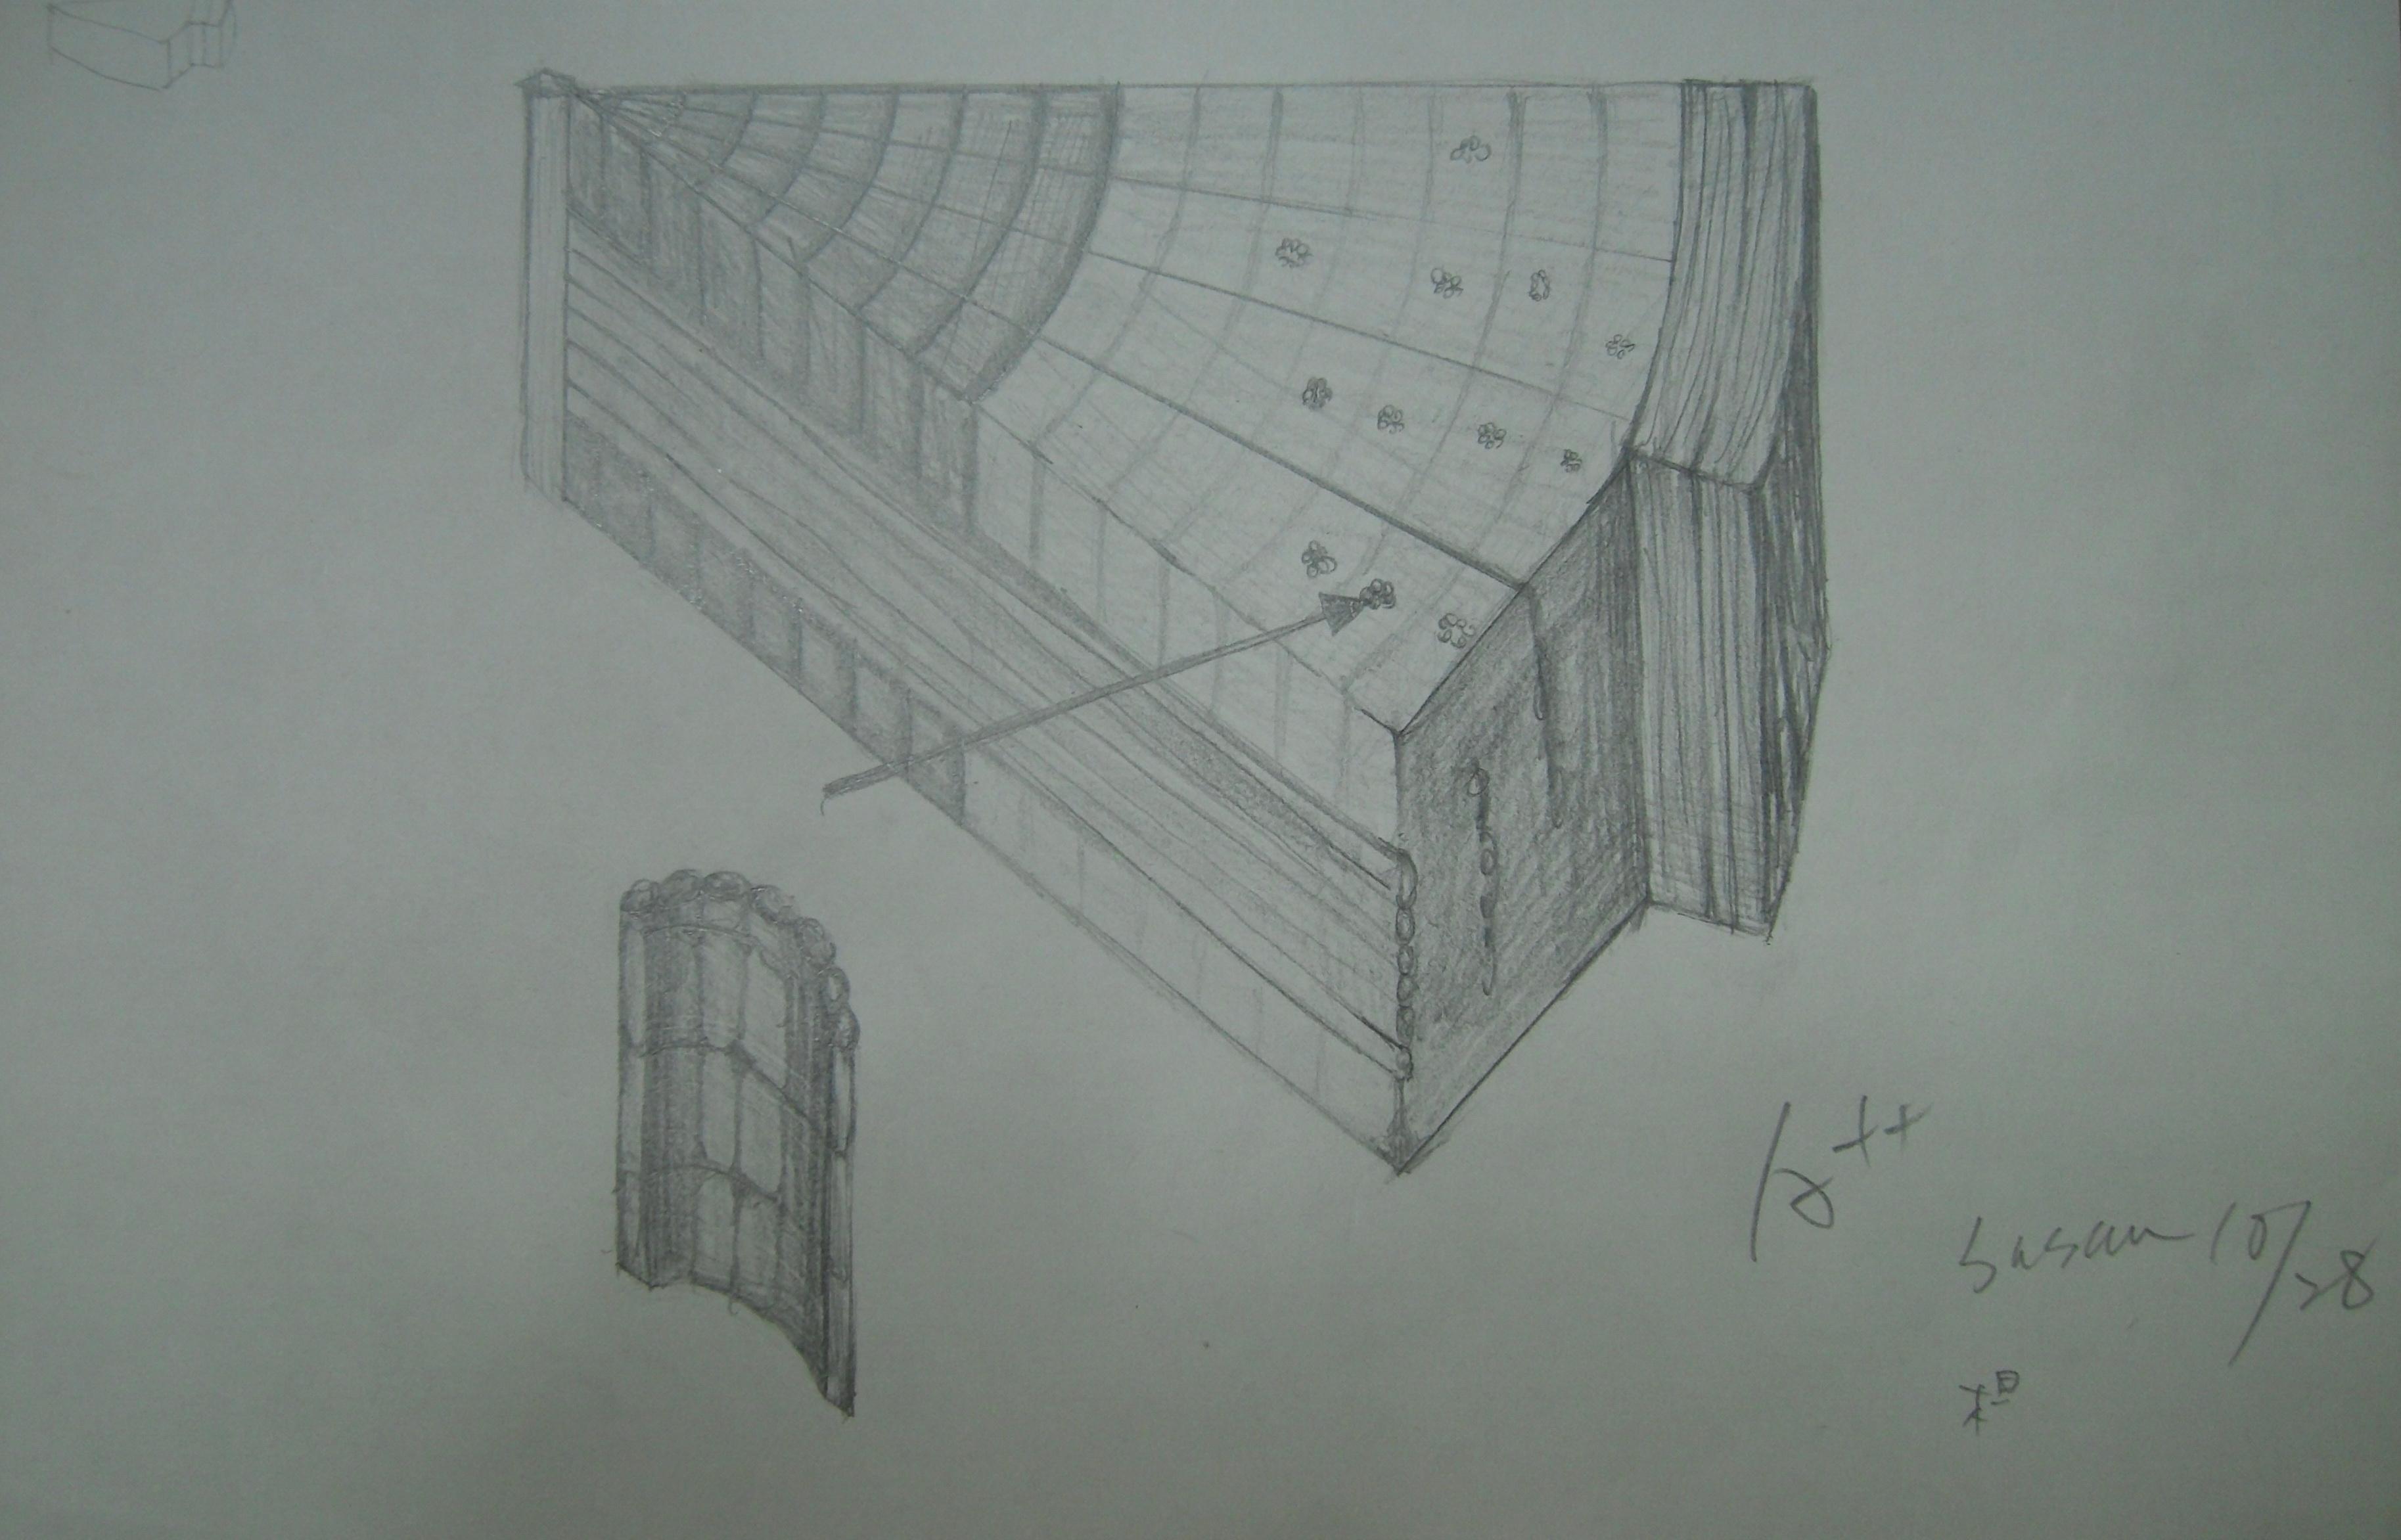 木材三切面绘图作业批改